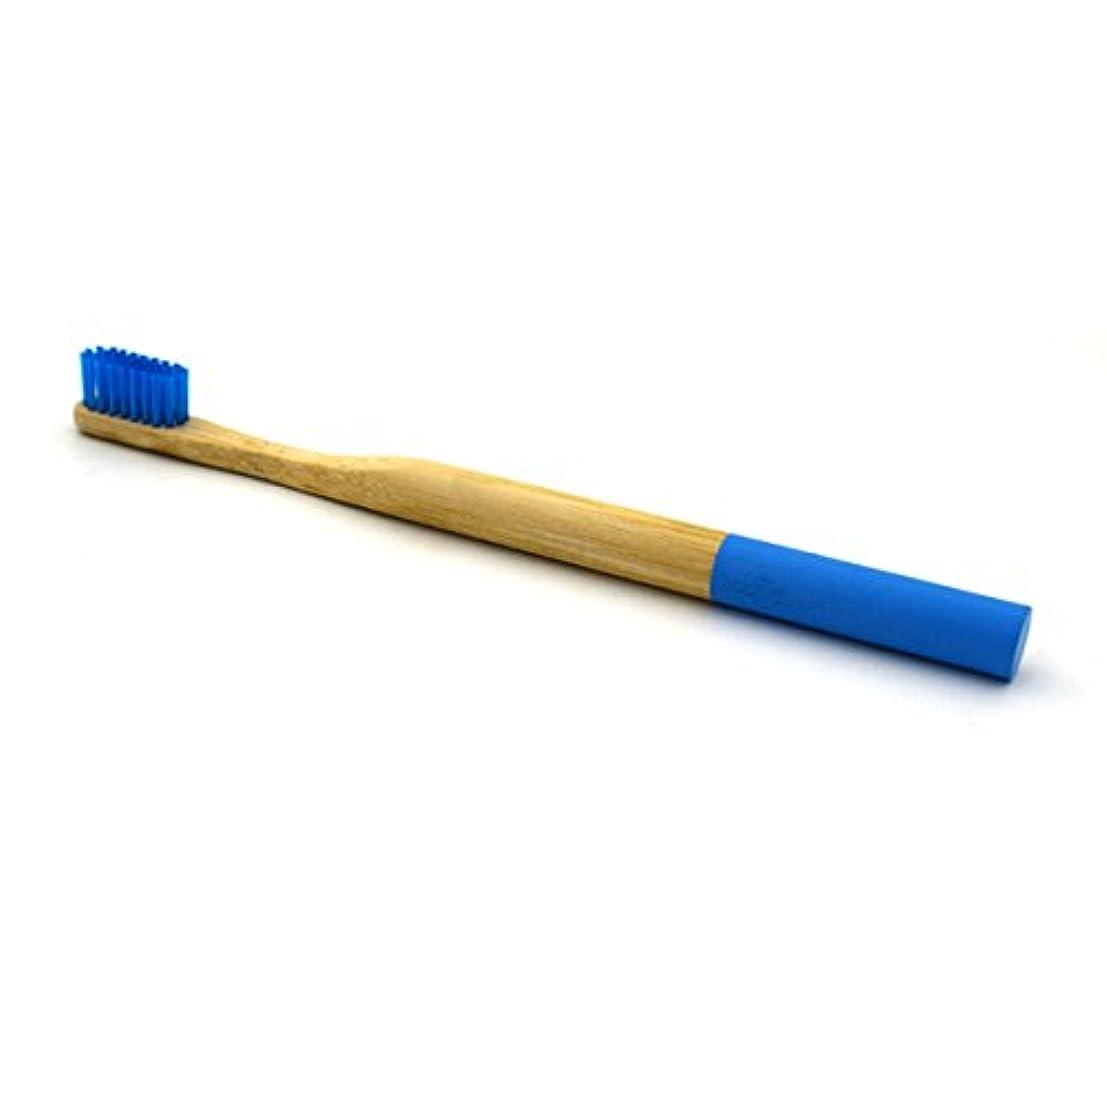 驚かす困ったリッチHEALLILY竹製の歯ブラシ天然木炭竹製の歯ブラシ大人用柔らかい剛毛の歯ブラシ(ブルー)